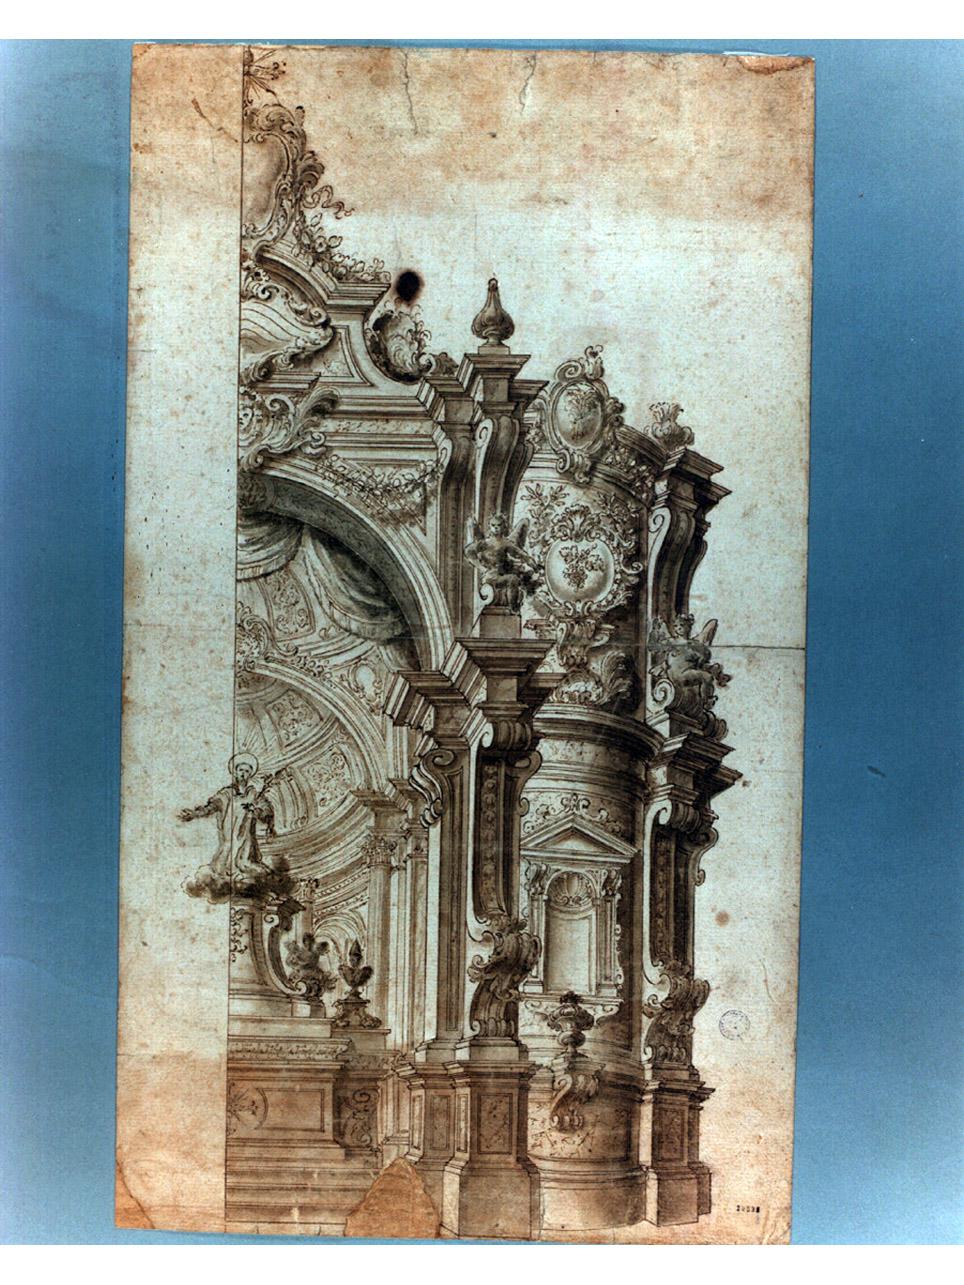 apparato festivo (disegno) di Galli Francesco detto Francesco Bibiena (sec. XVIII)